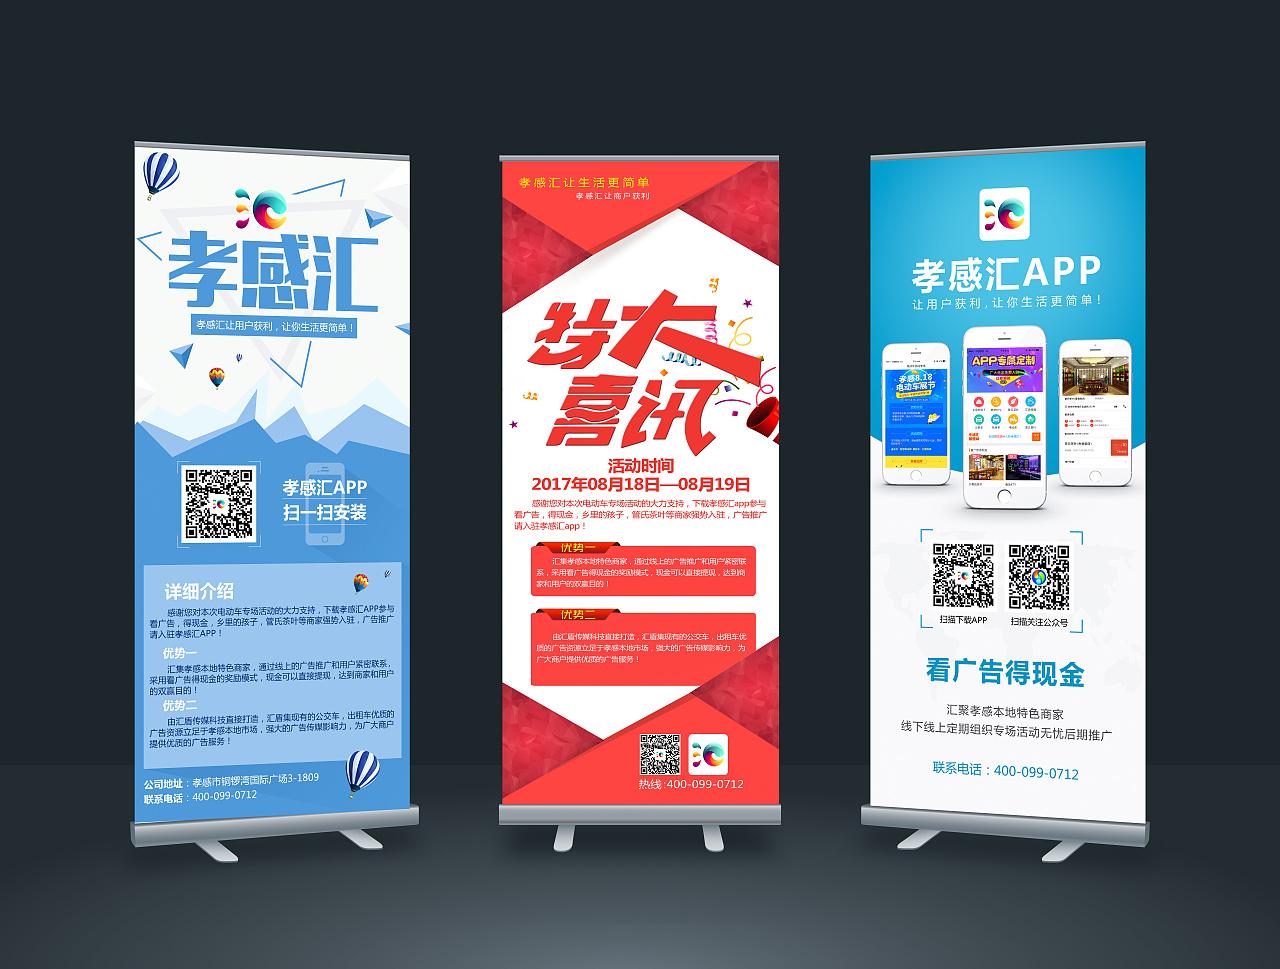 青麦品牌 海报微信单图活动促销易拉宝创意设计